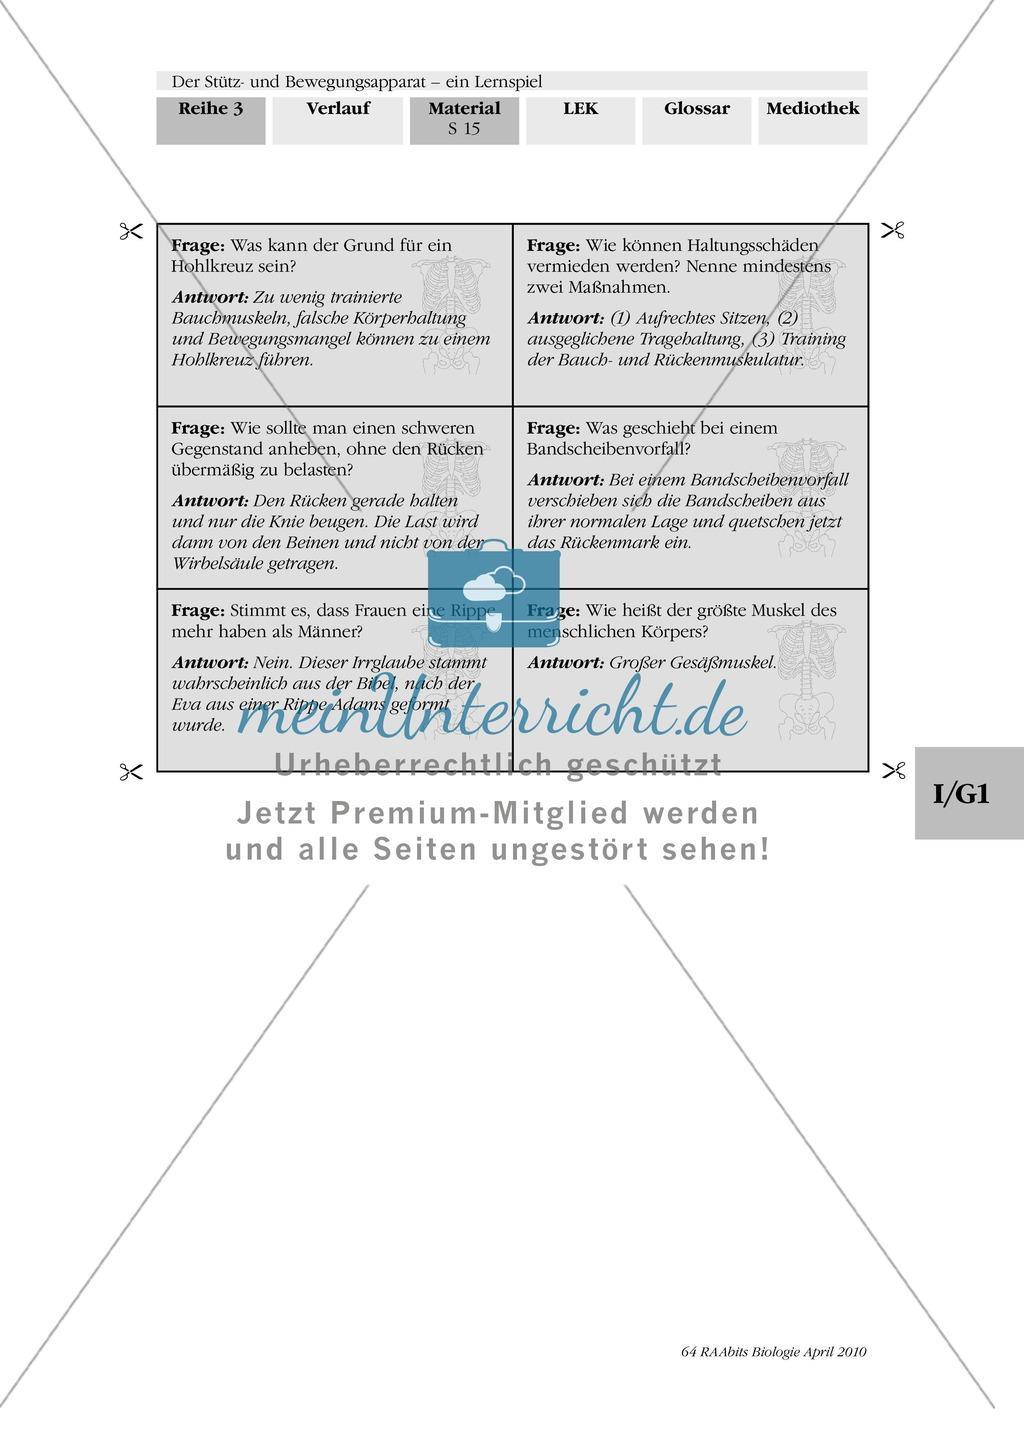 Lernspiel zum Stütz- und Bewegungsapparat: Spielanleitung, Spielfeld, Skelett-Puzzleteile, Fragen, Spielkarten, Röntgenbilder Kontrollbogen, Lösungsbogen Preview 13